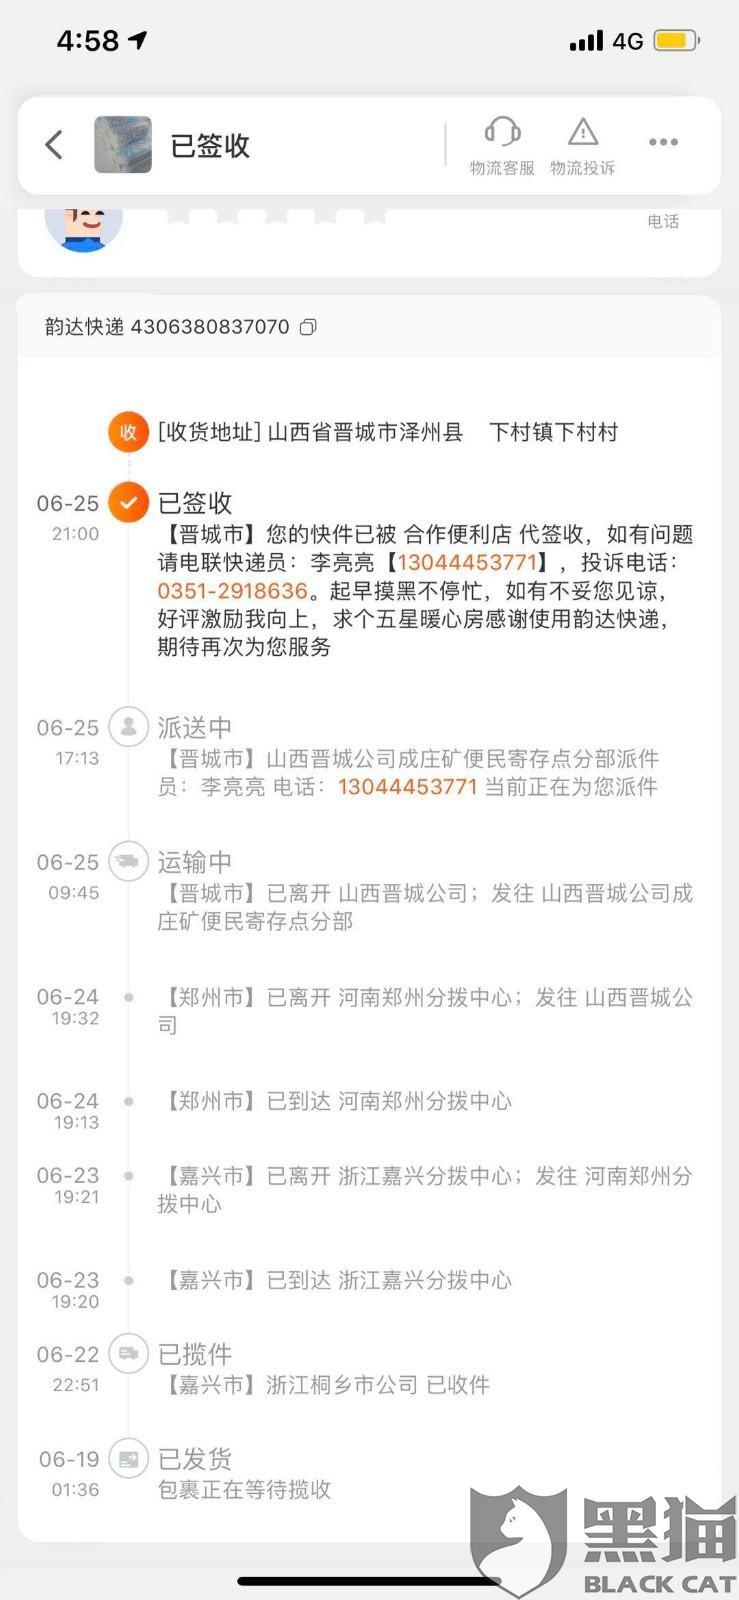 黑猫投诉:桐乡市梧桐步鱼花服装网店扰乱市场价格拒绝退款强制发货